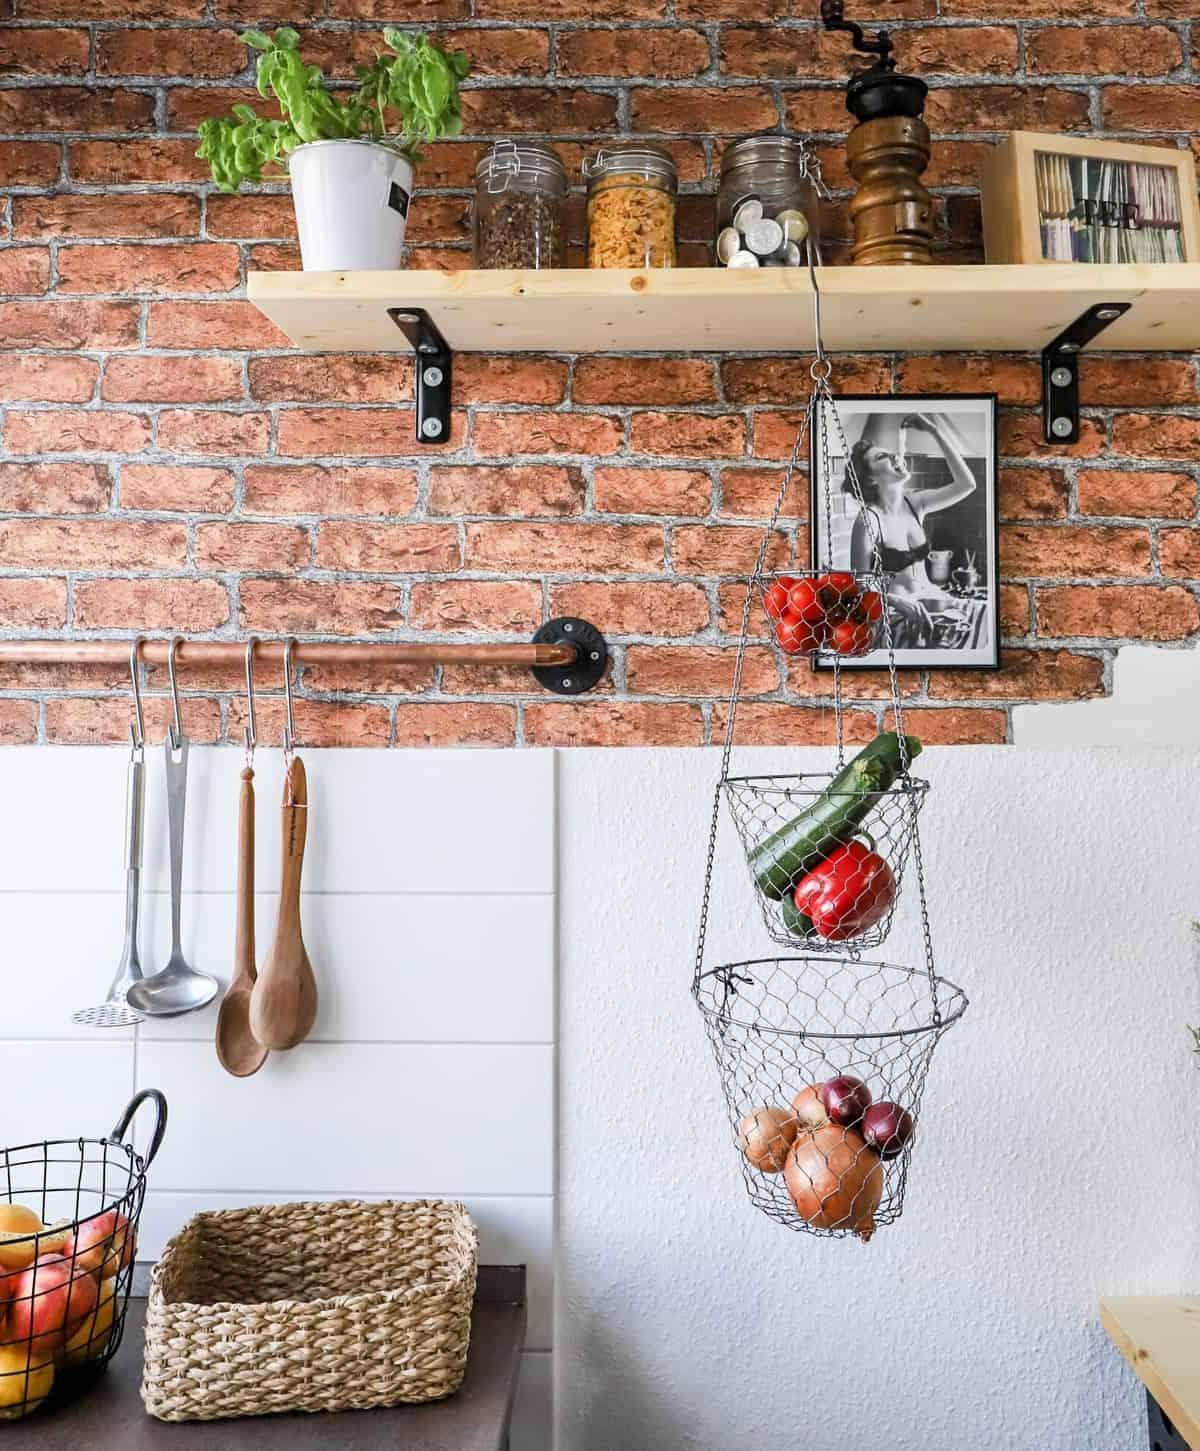 Full Size of Ikea Küche Kosten Stecksystem Regal Einbau Mülleimer Lederpflege Sofa Nach Maß Günstig Pendeltür Pinolino Bett Bad Gastein Therme Reinigen Wohnzimmer Regal In Der Küche